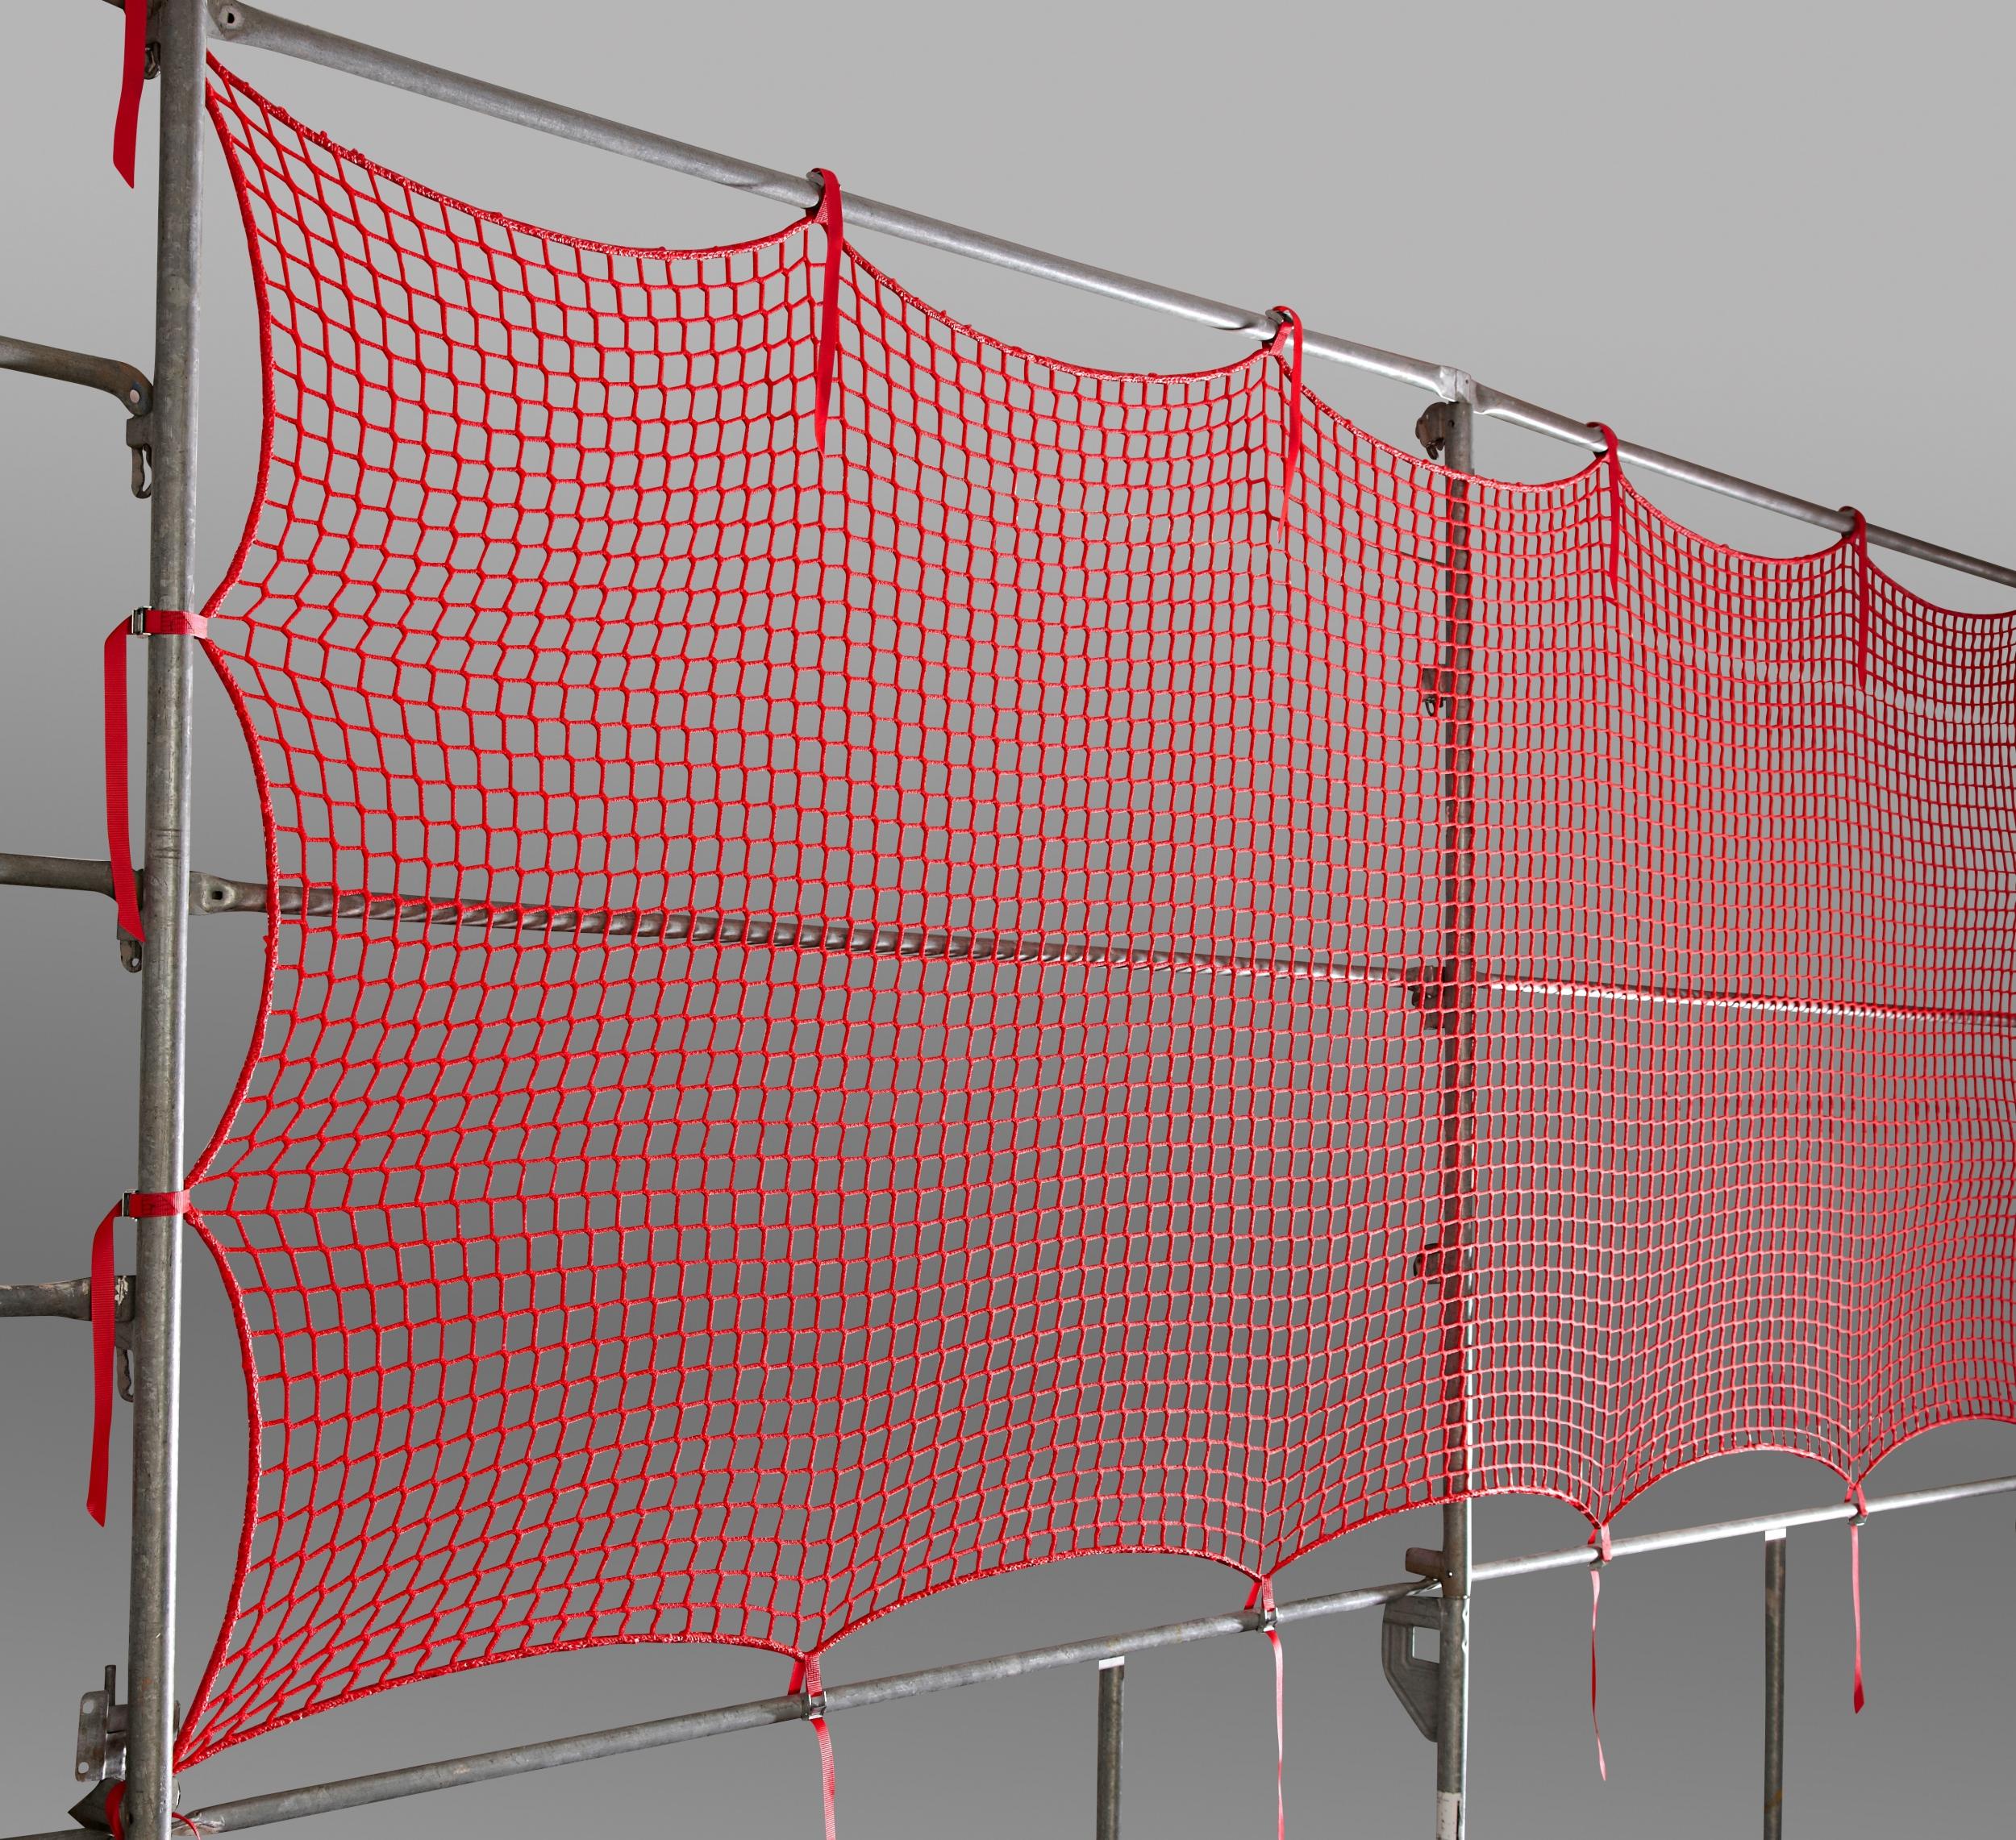 Ger/üstschutznetz 3,07 x 20 m